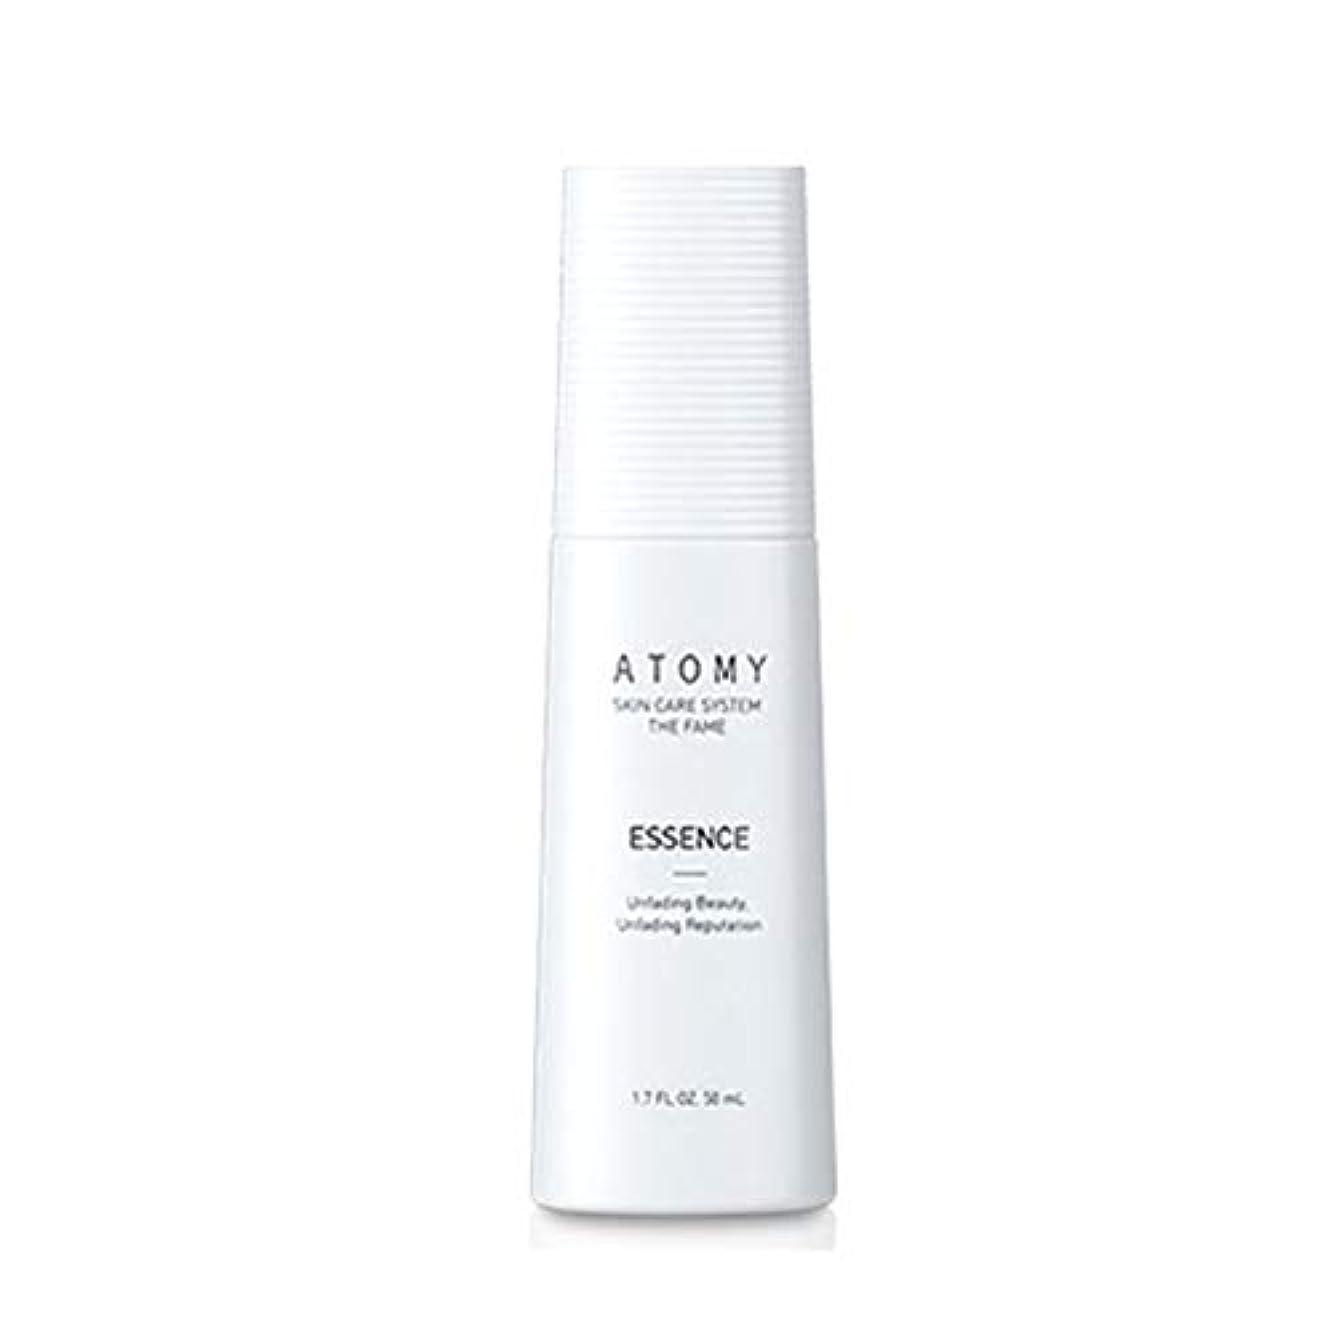 別につば日記アトミザ?フェームエッセンス50ml韓国コスメ、Atomy The Fame Essence 50ml Korean Cosmetics [並行輸入品]